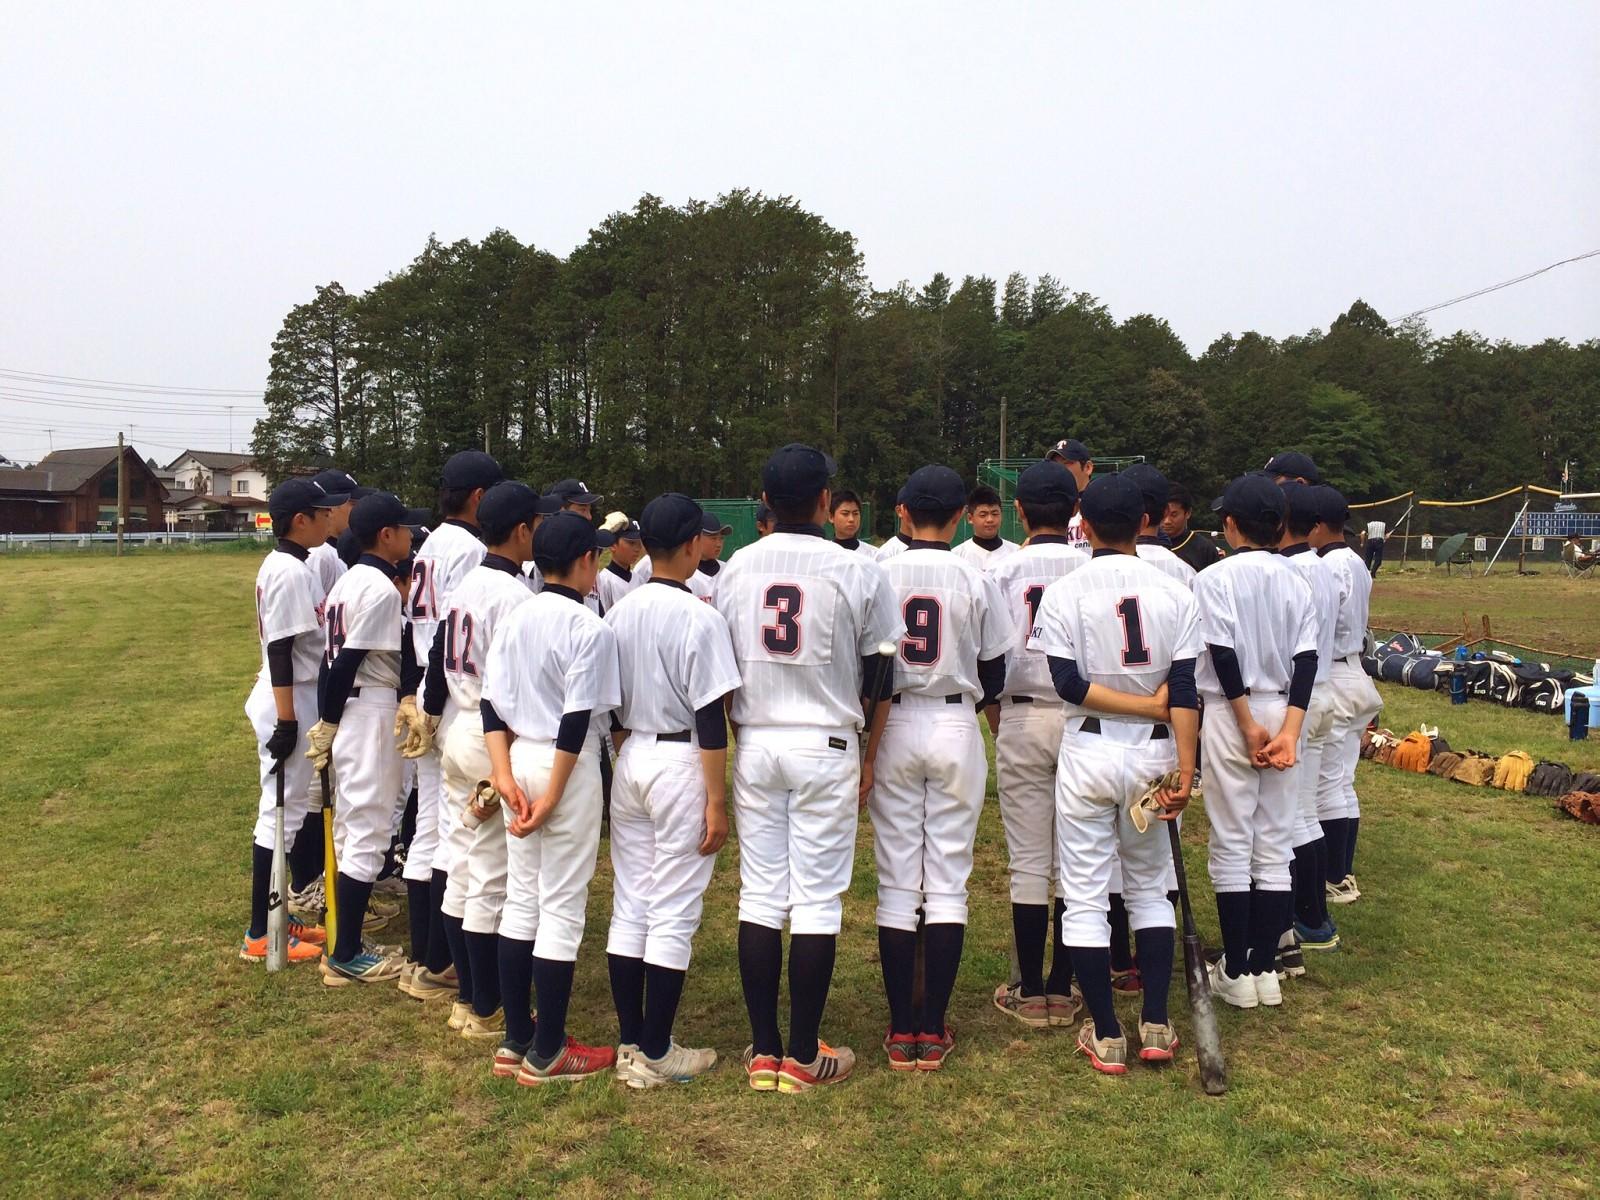 2014.05.25 関東連盟夏季大会 1回戦 足利リトルシニア戦